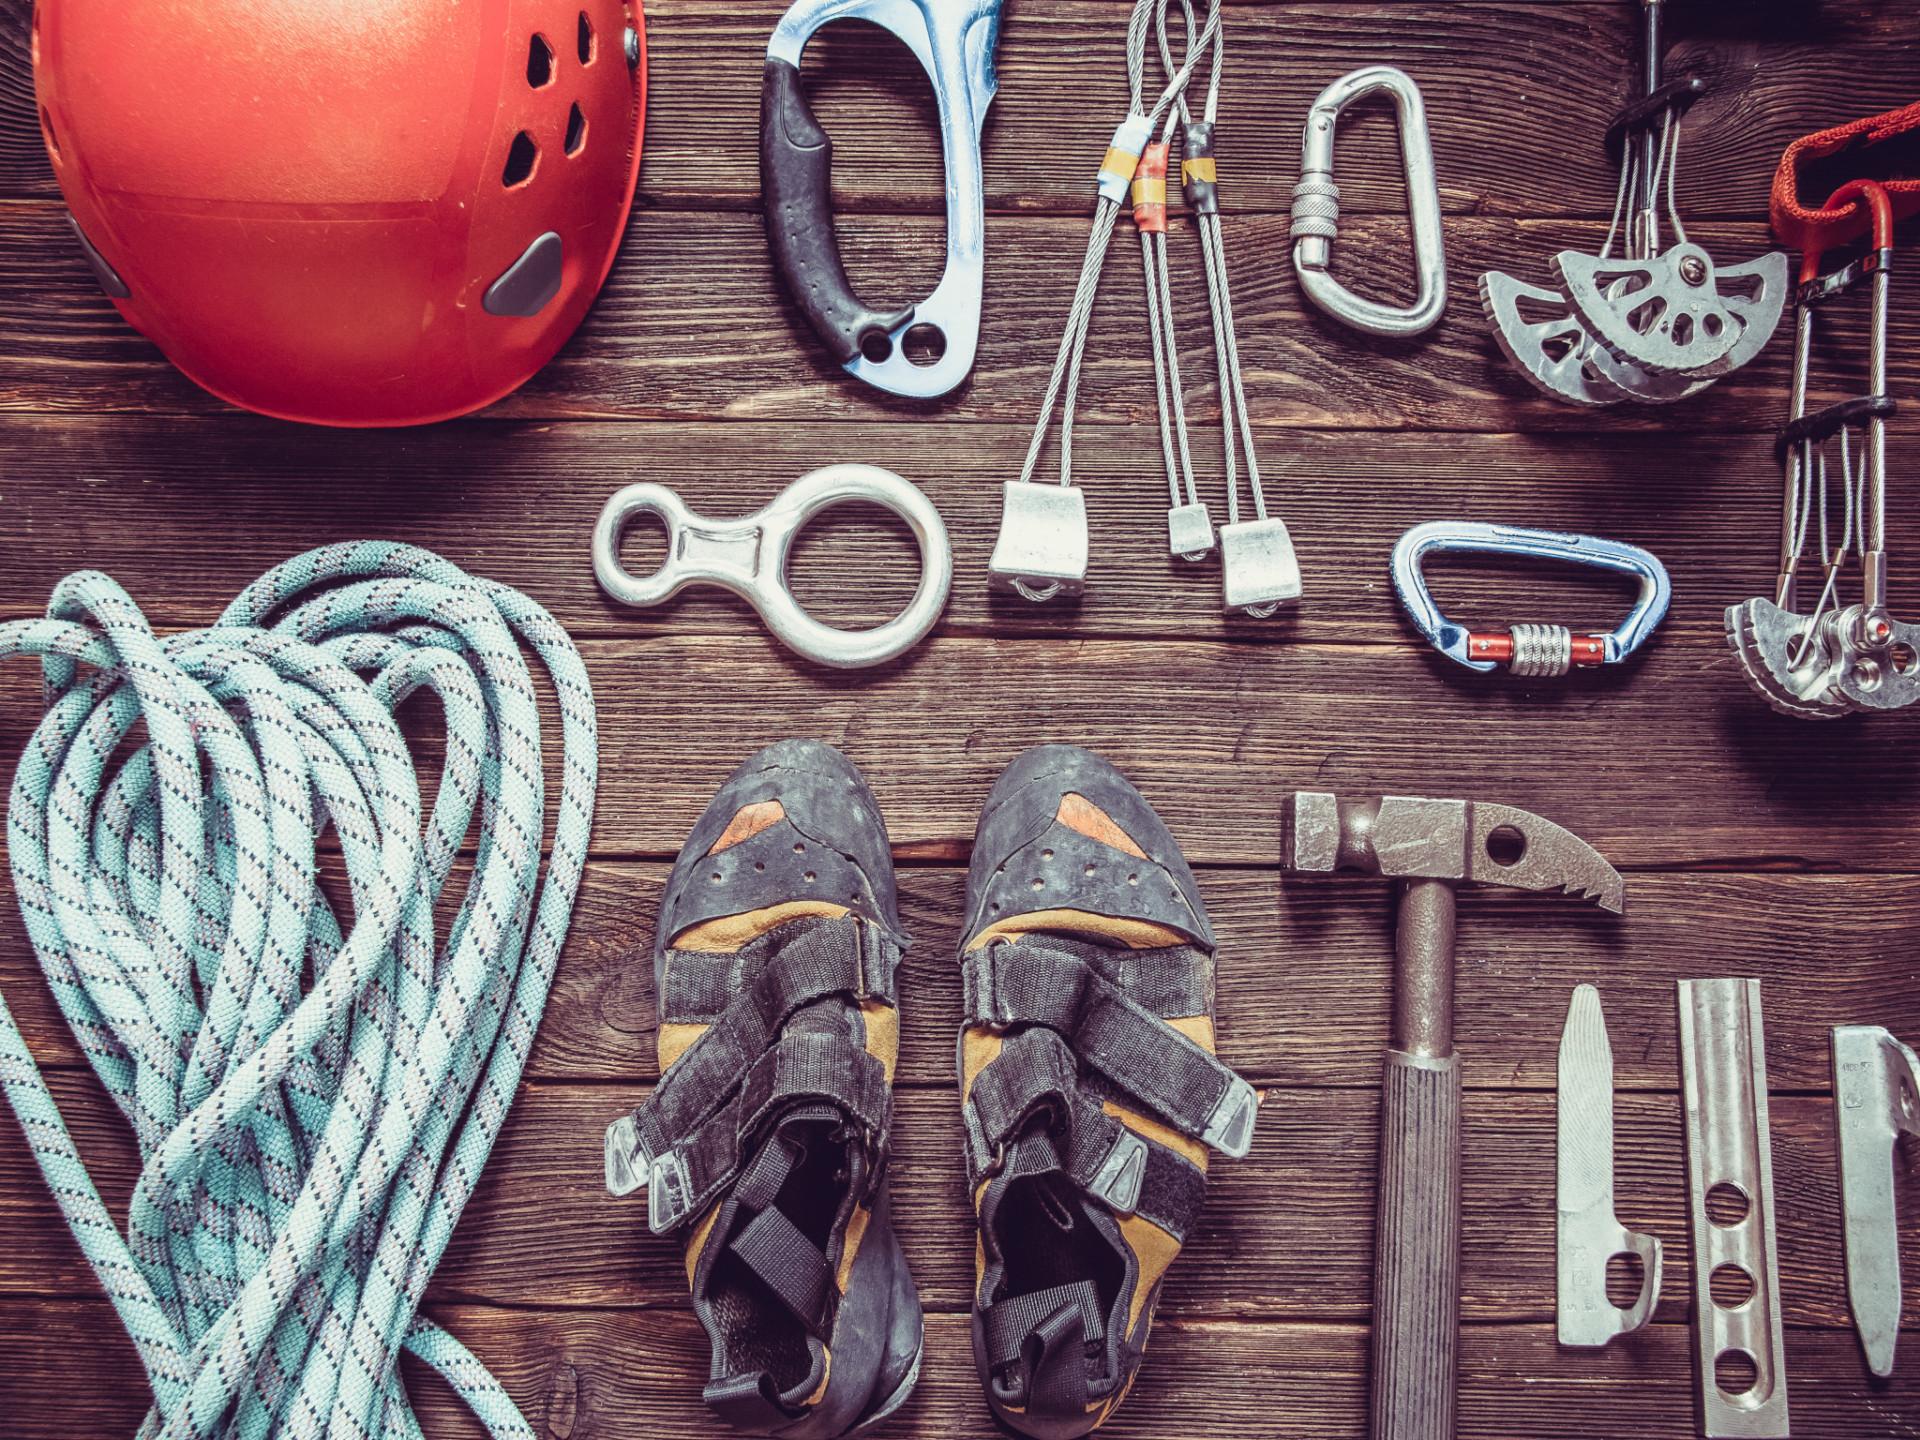 Kletterausrüstung im Überblick